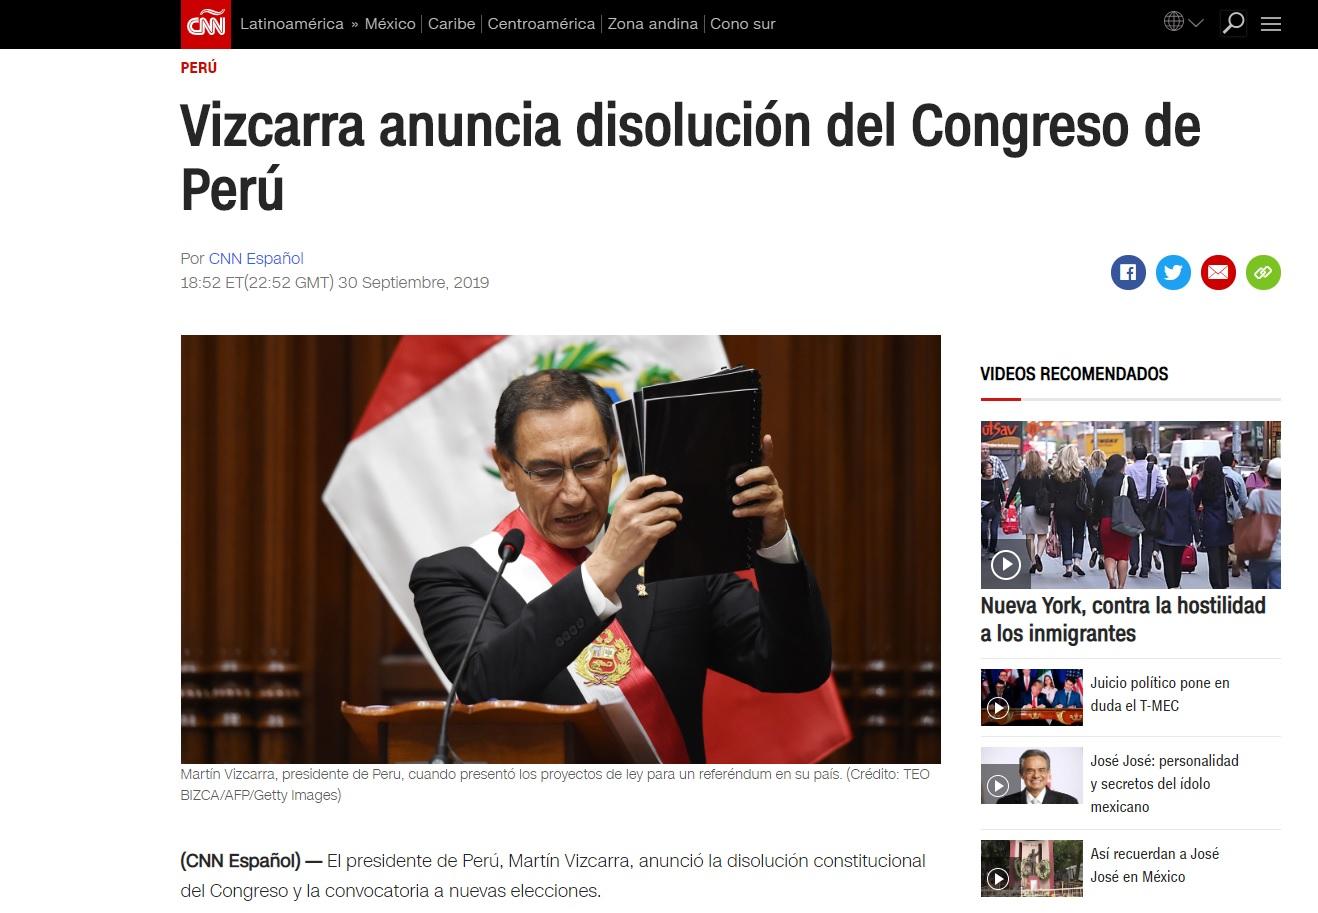 CNN muestra a un enfadado Martín Vizcarra en una publicación con el titular